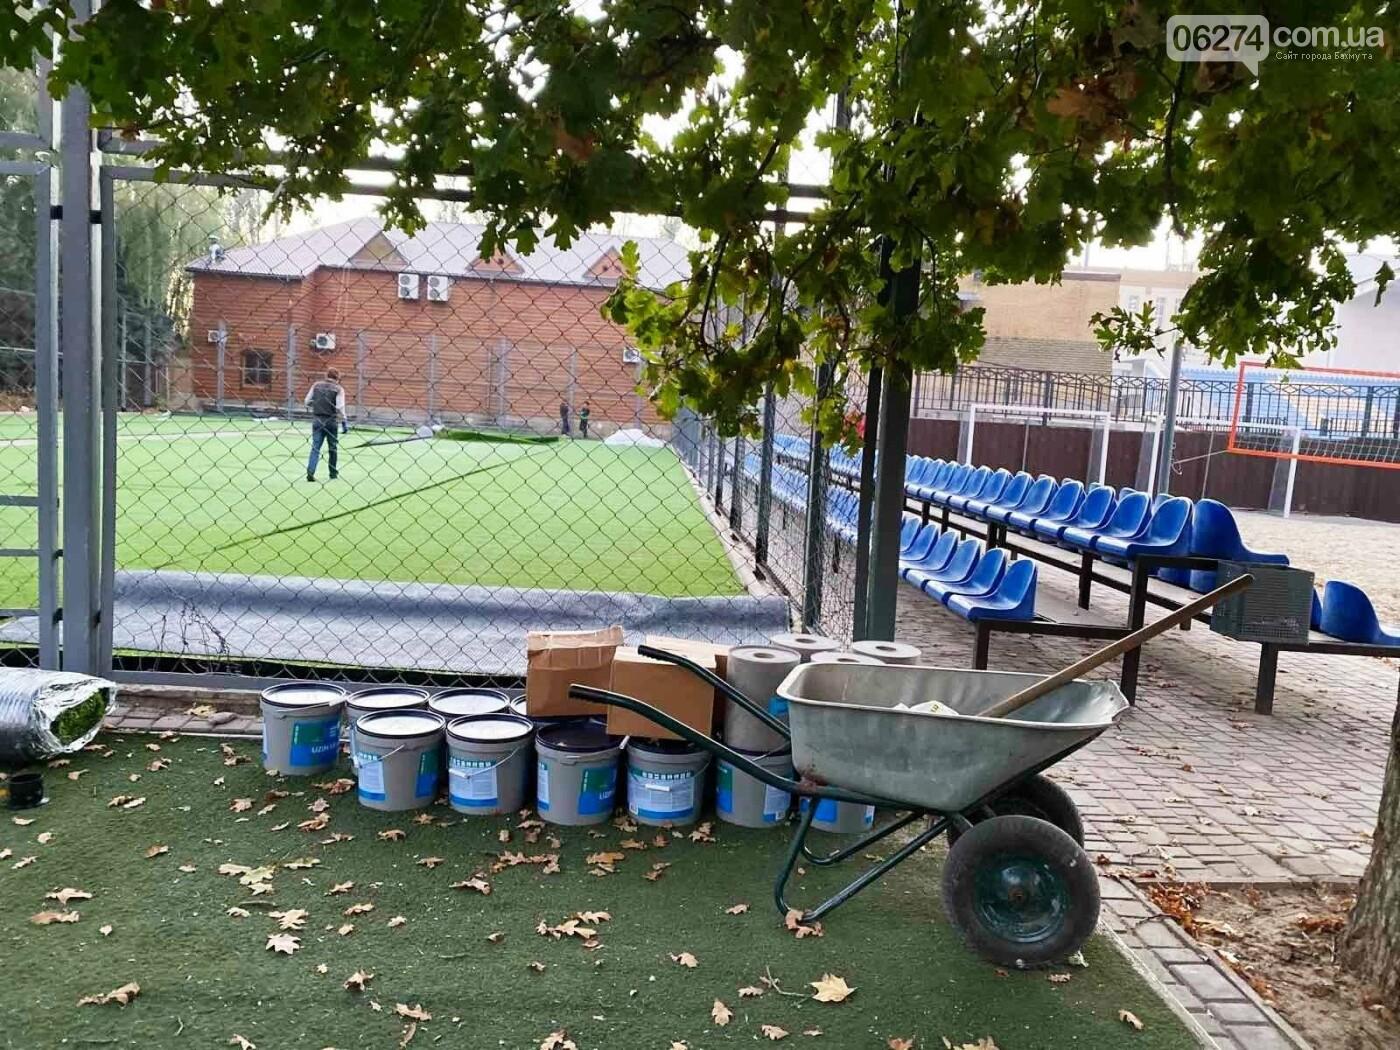 В Бахмуте проводится реконструкция и капитальный ремонт спортивных объектов, фото-6